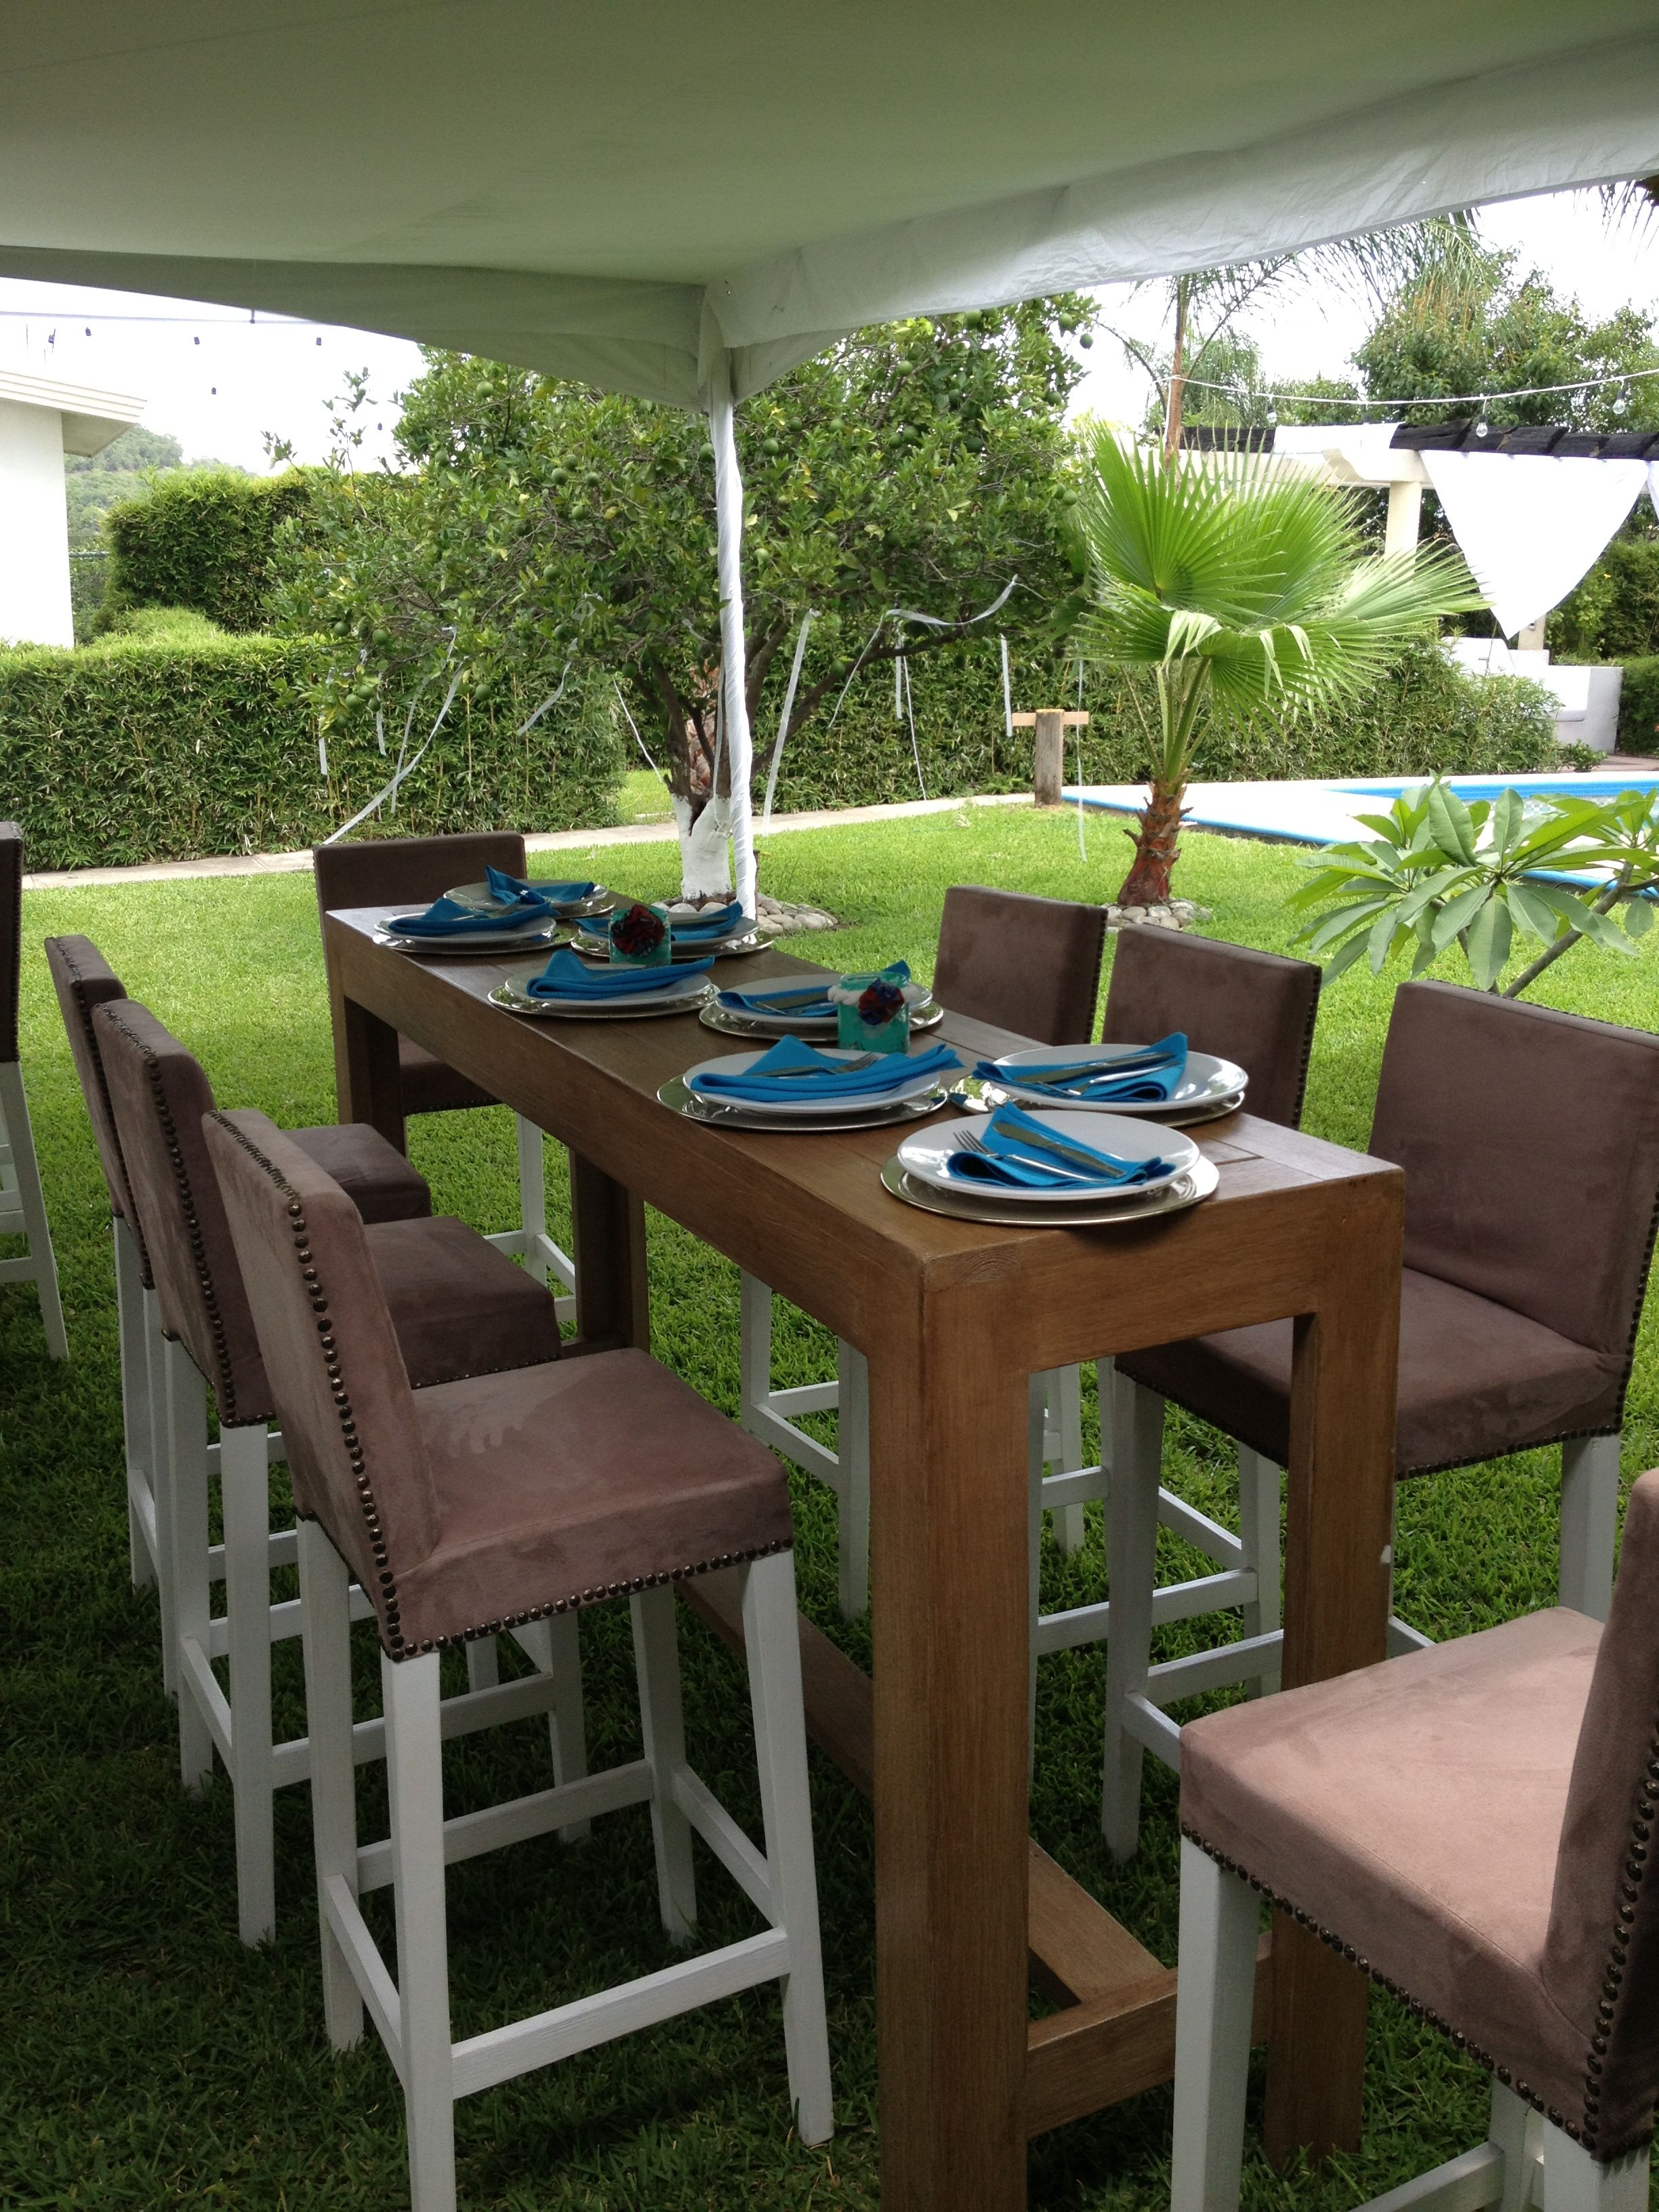 Mesa alta para eventos comodas sillas altas comedores pinterest mesas mesa alta y mesas altas - Sillas altas de cocina ...